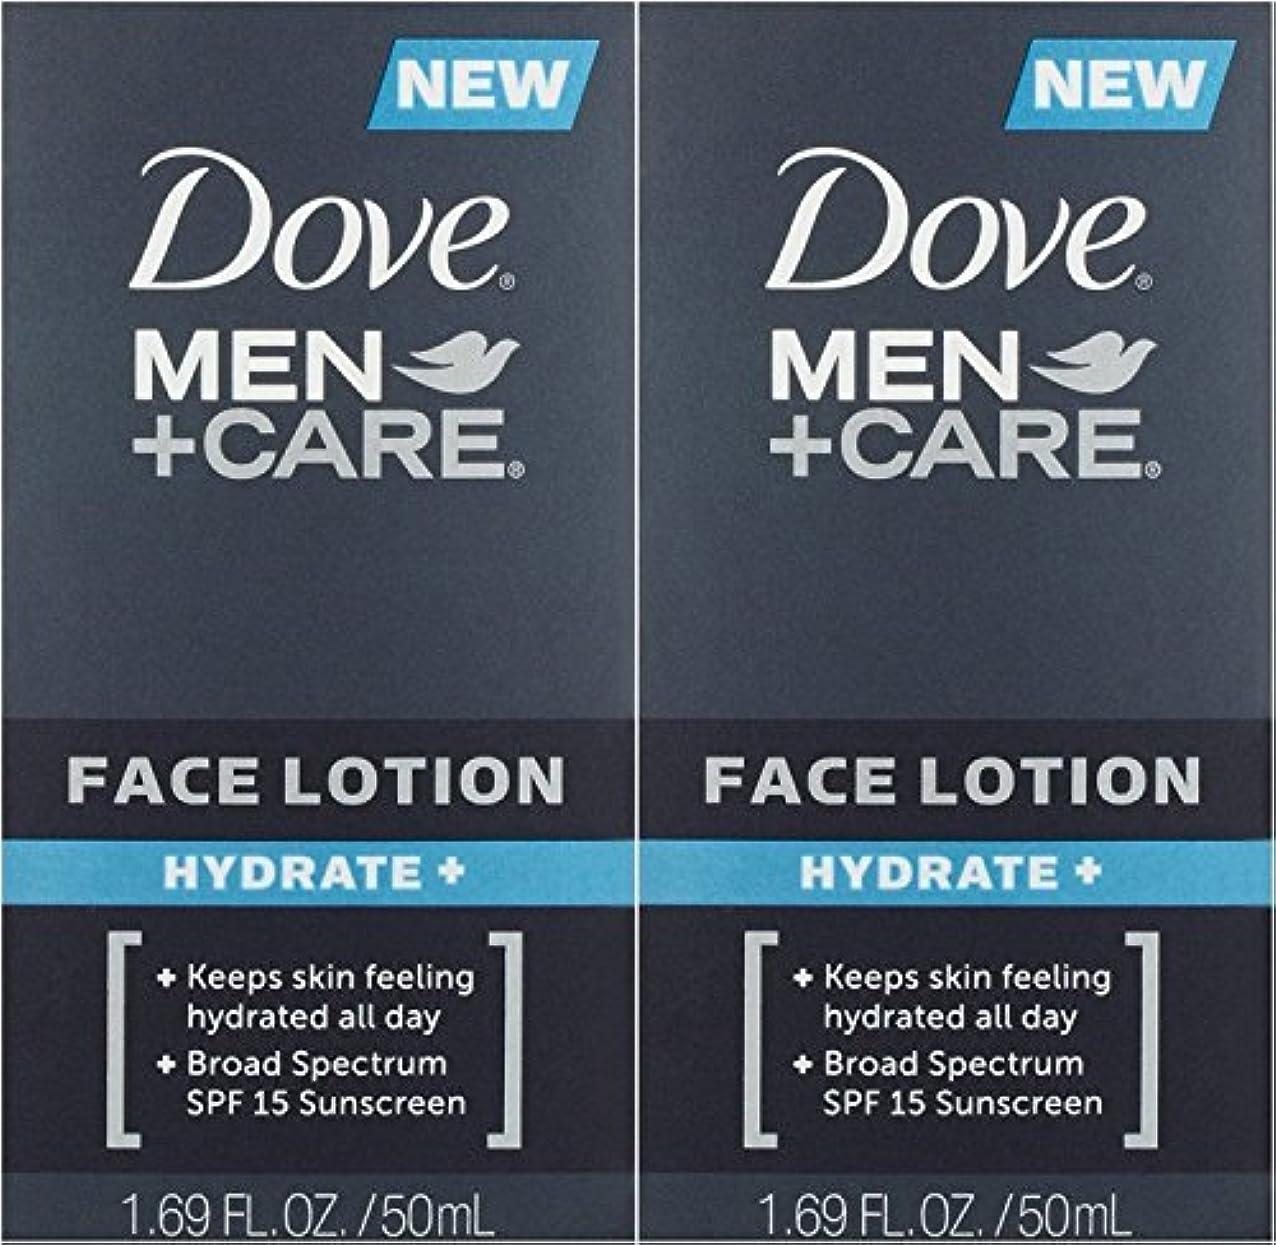 報酬の知性いま【アメリカ発送】 Dove Men+Care Face Lotion, Hydrate+ 1.69 oz ダブ 男性用 フェイスローション 潤い SPF 15 50ml